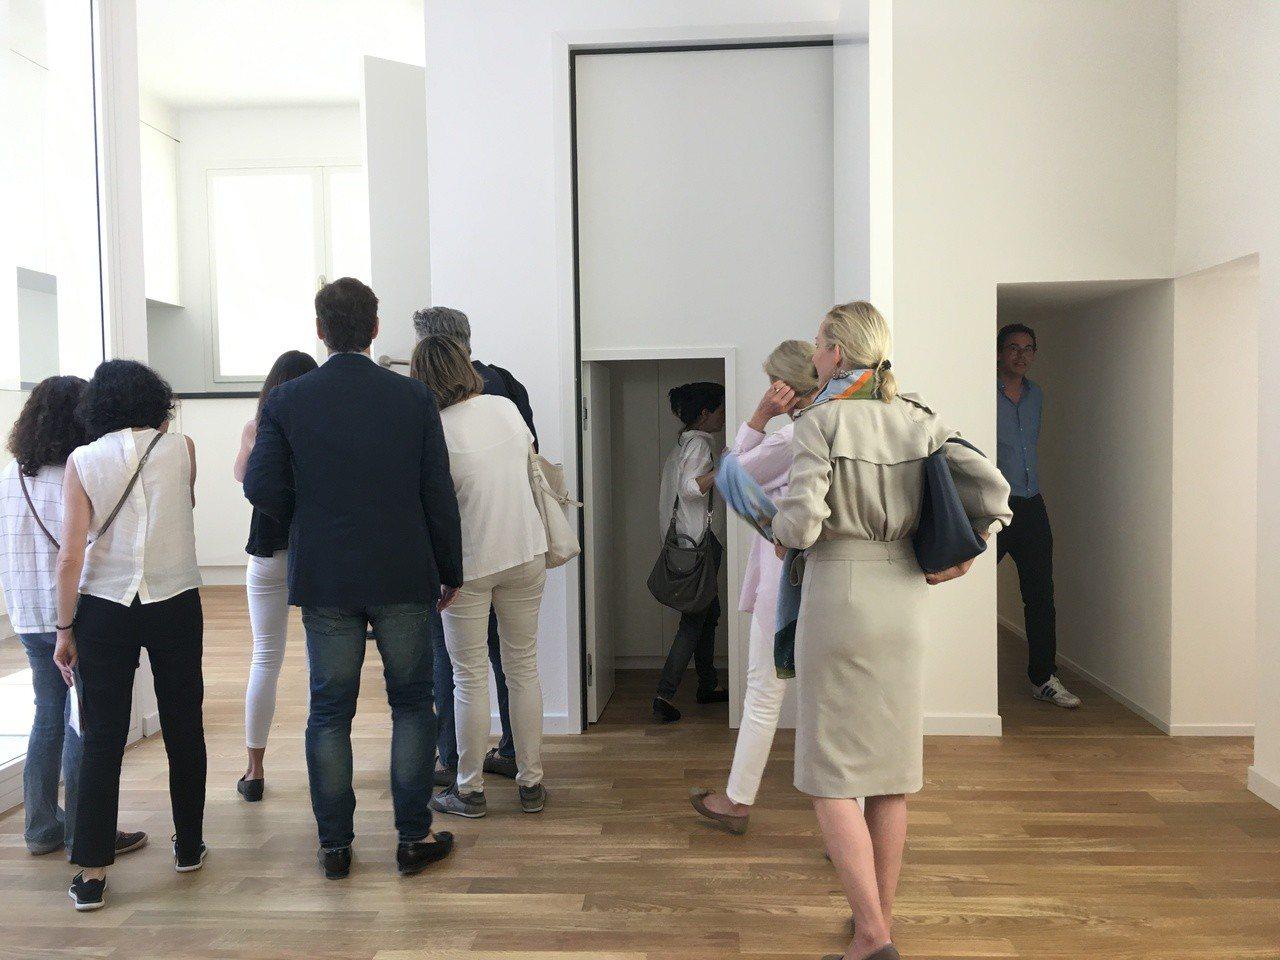 瑞士館《瑞士240:房屋導覽》各類房間尺寸大小都有,讓觀眾驚喜不斷。記者何定照/...